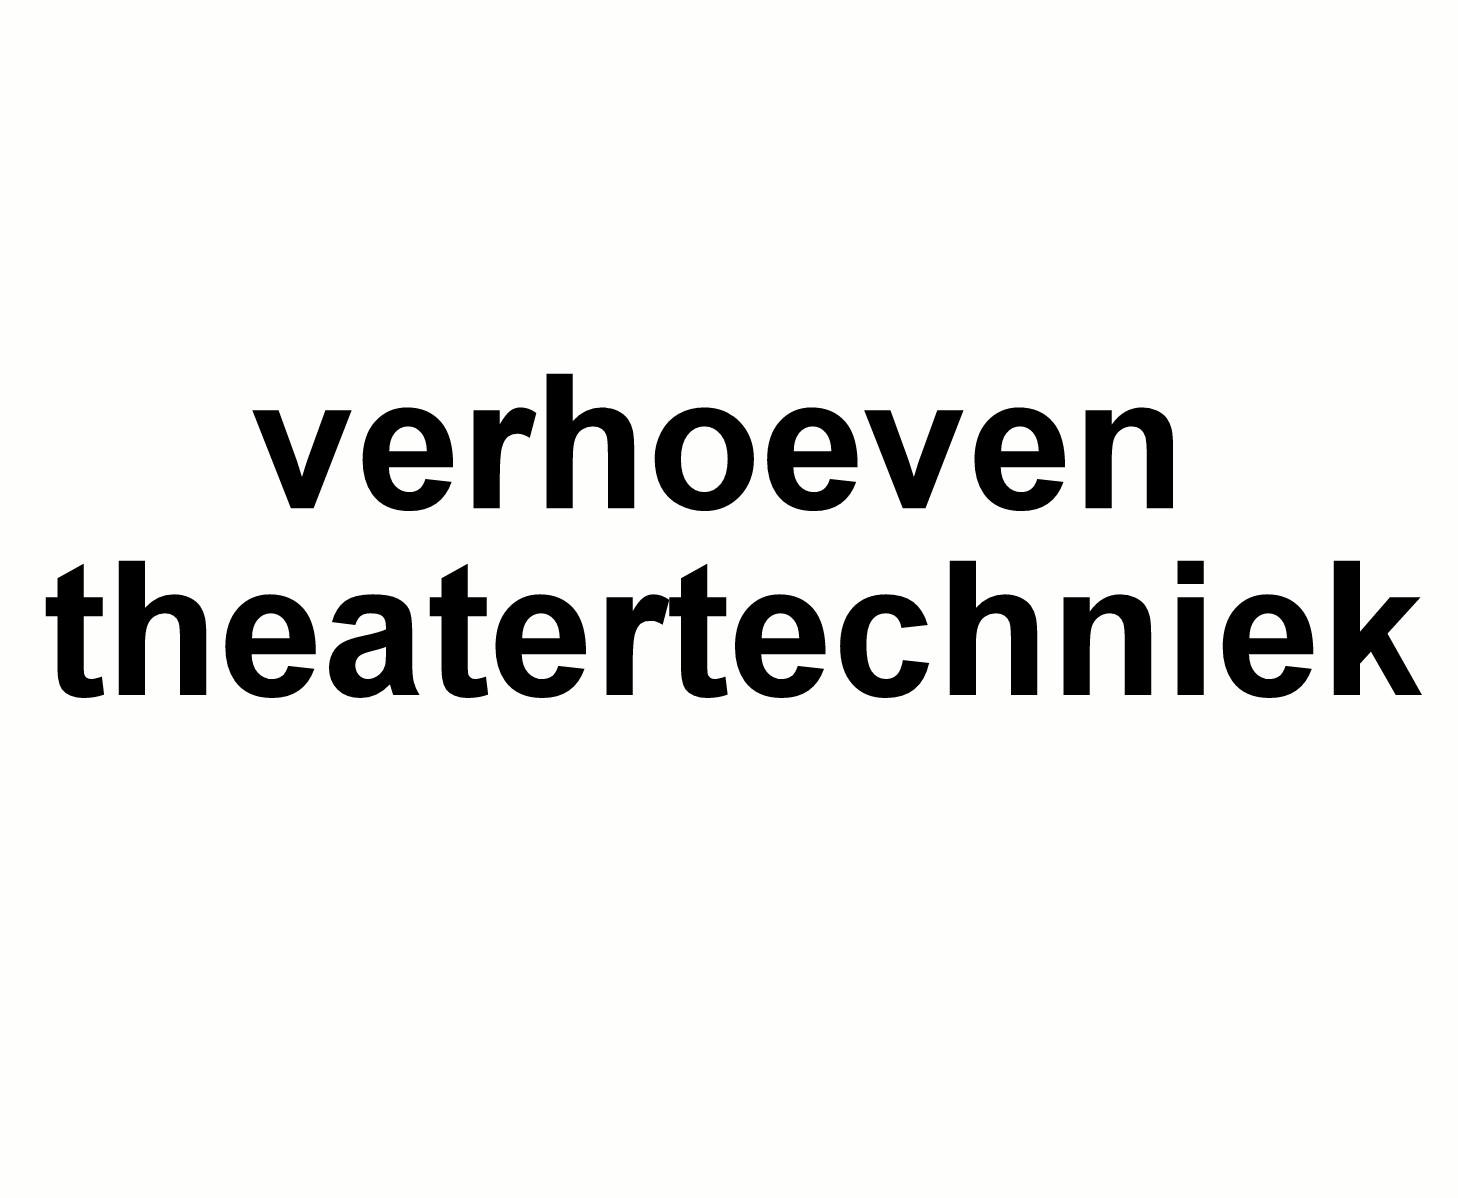 Verhoeven theater techniek